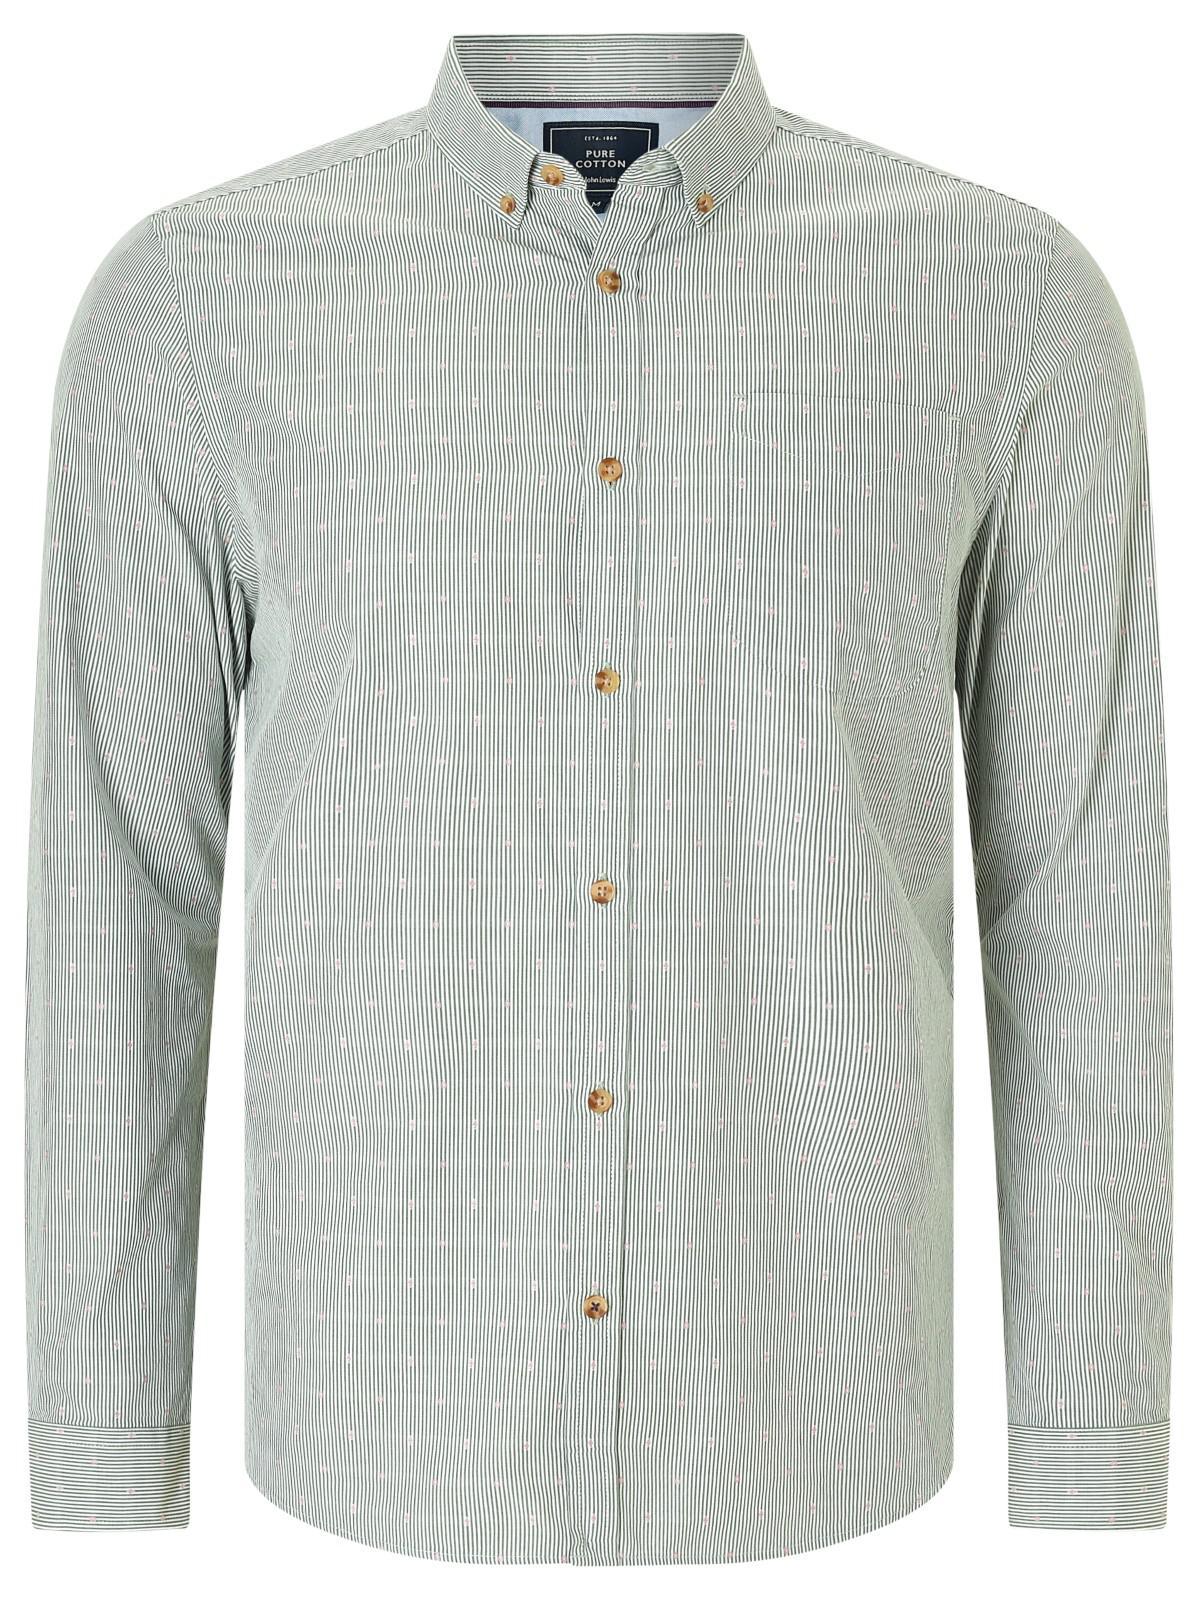 John Lewis Cotton Dobby Stripe Shirt in Green for Men